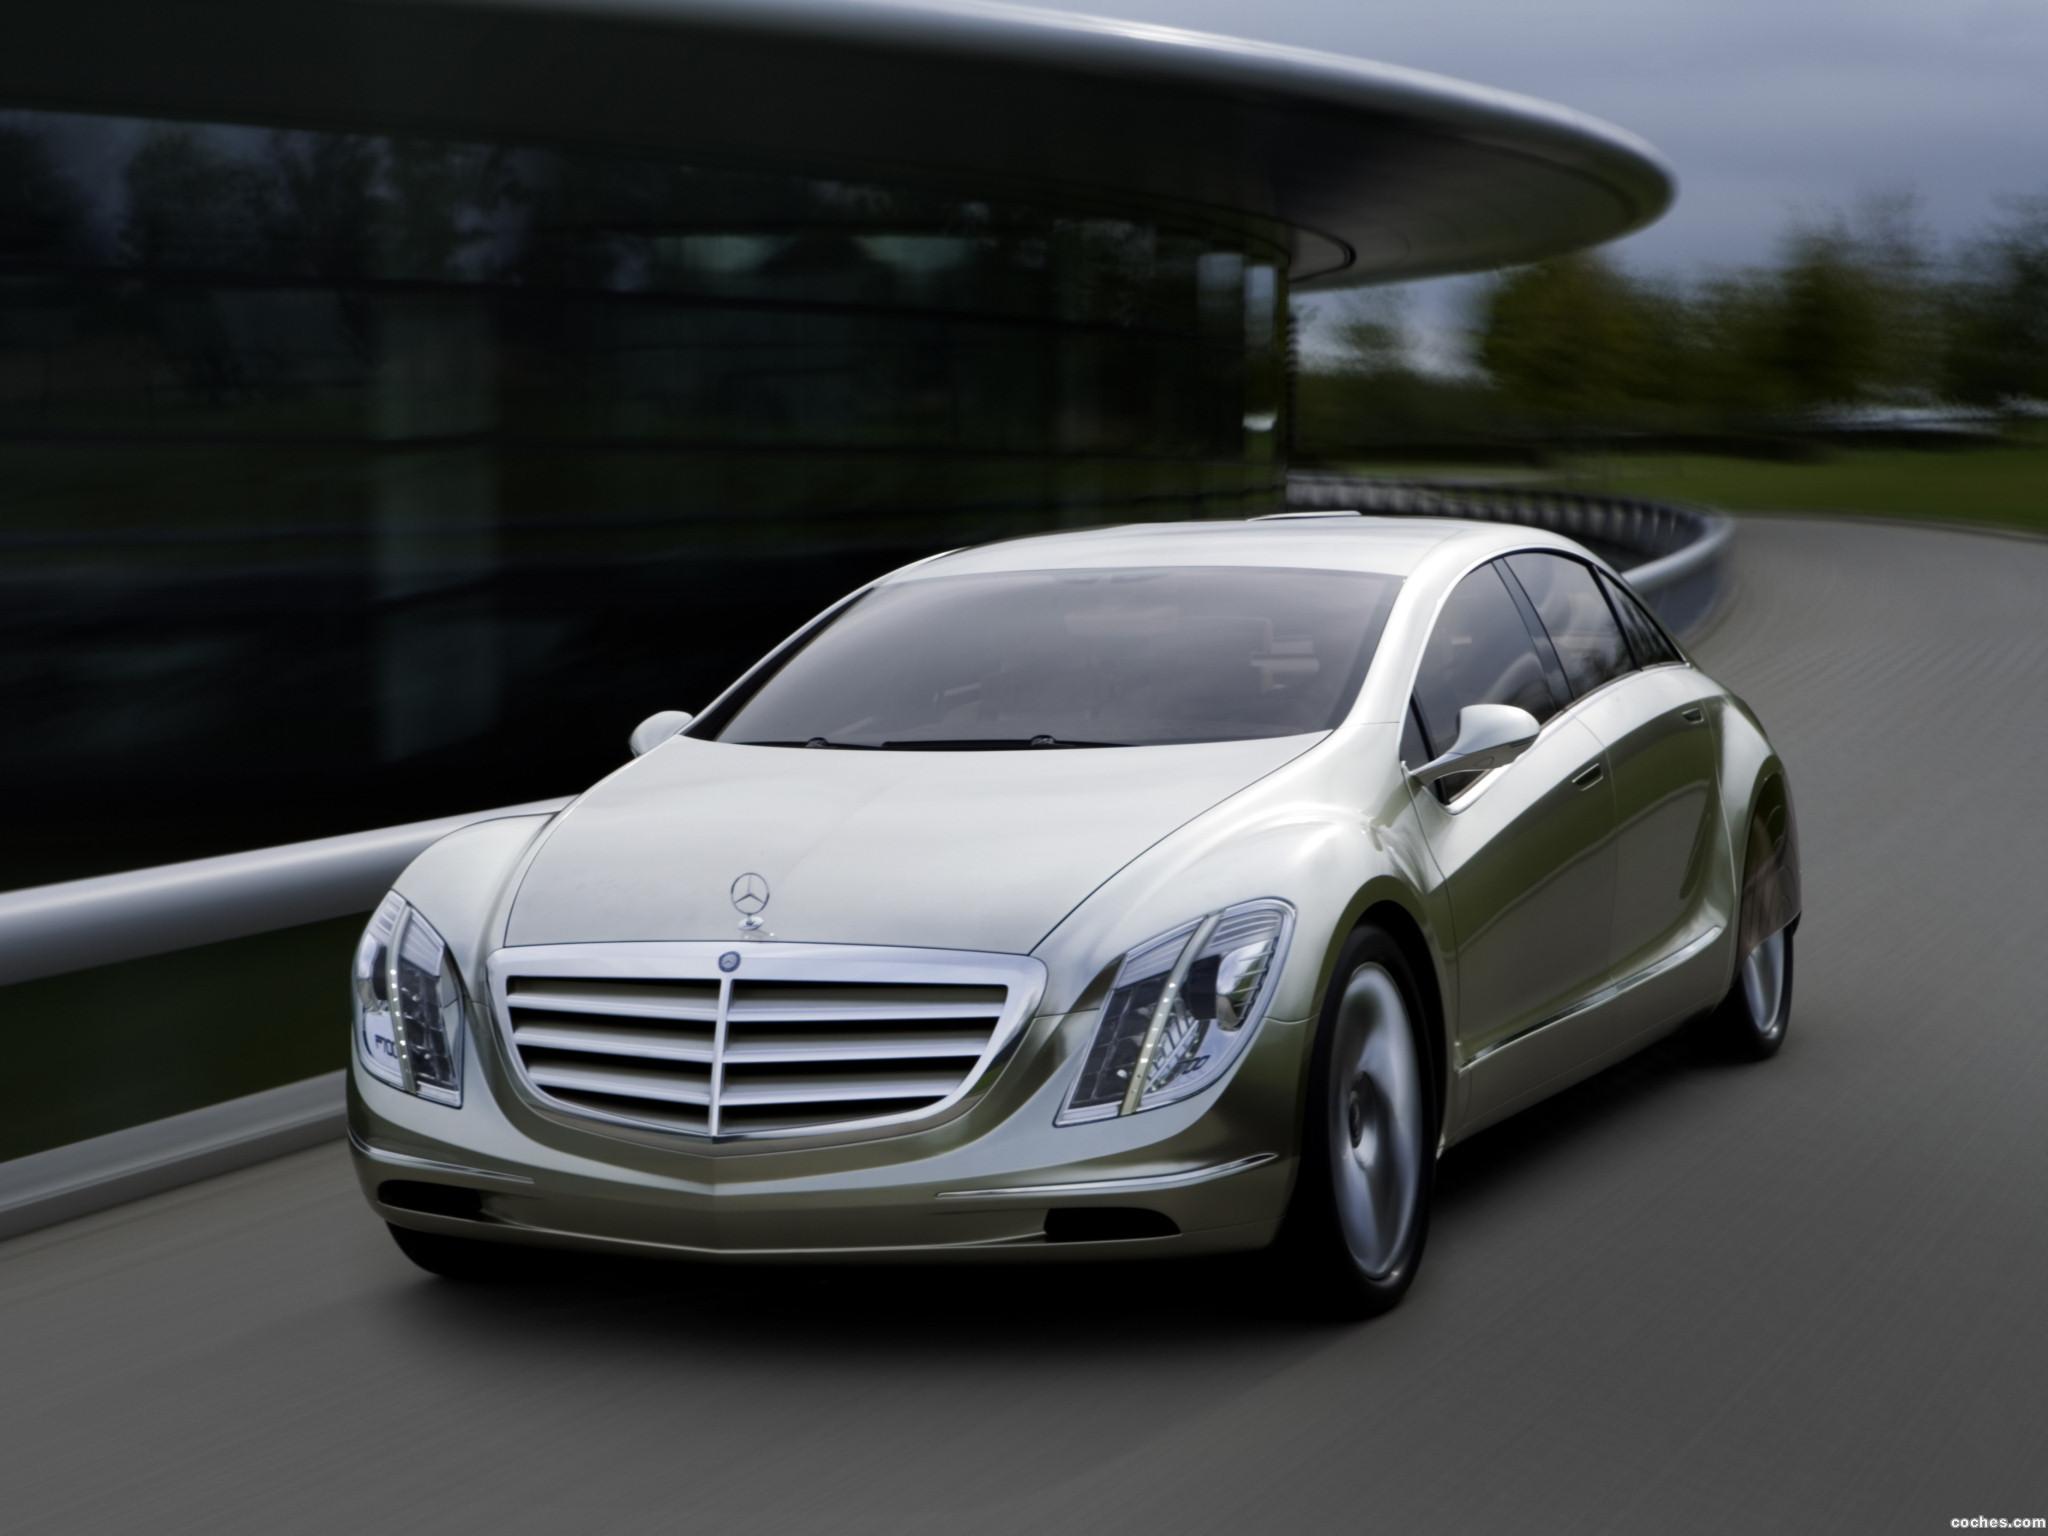 Foto 0 de Mercedes F700 Research Car 2007